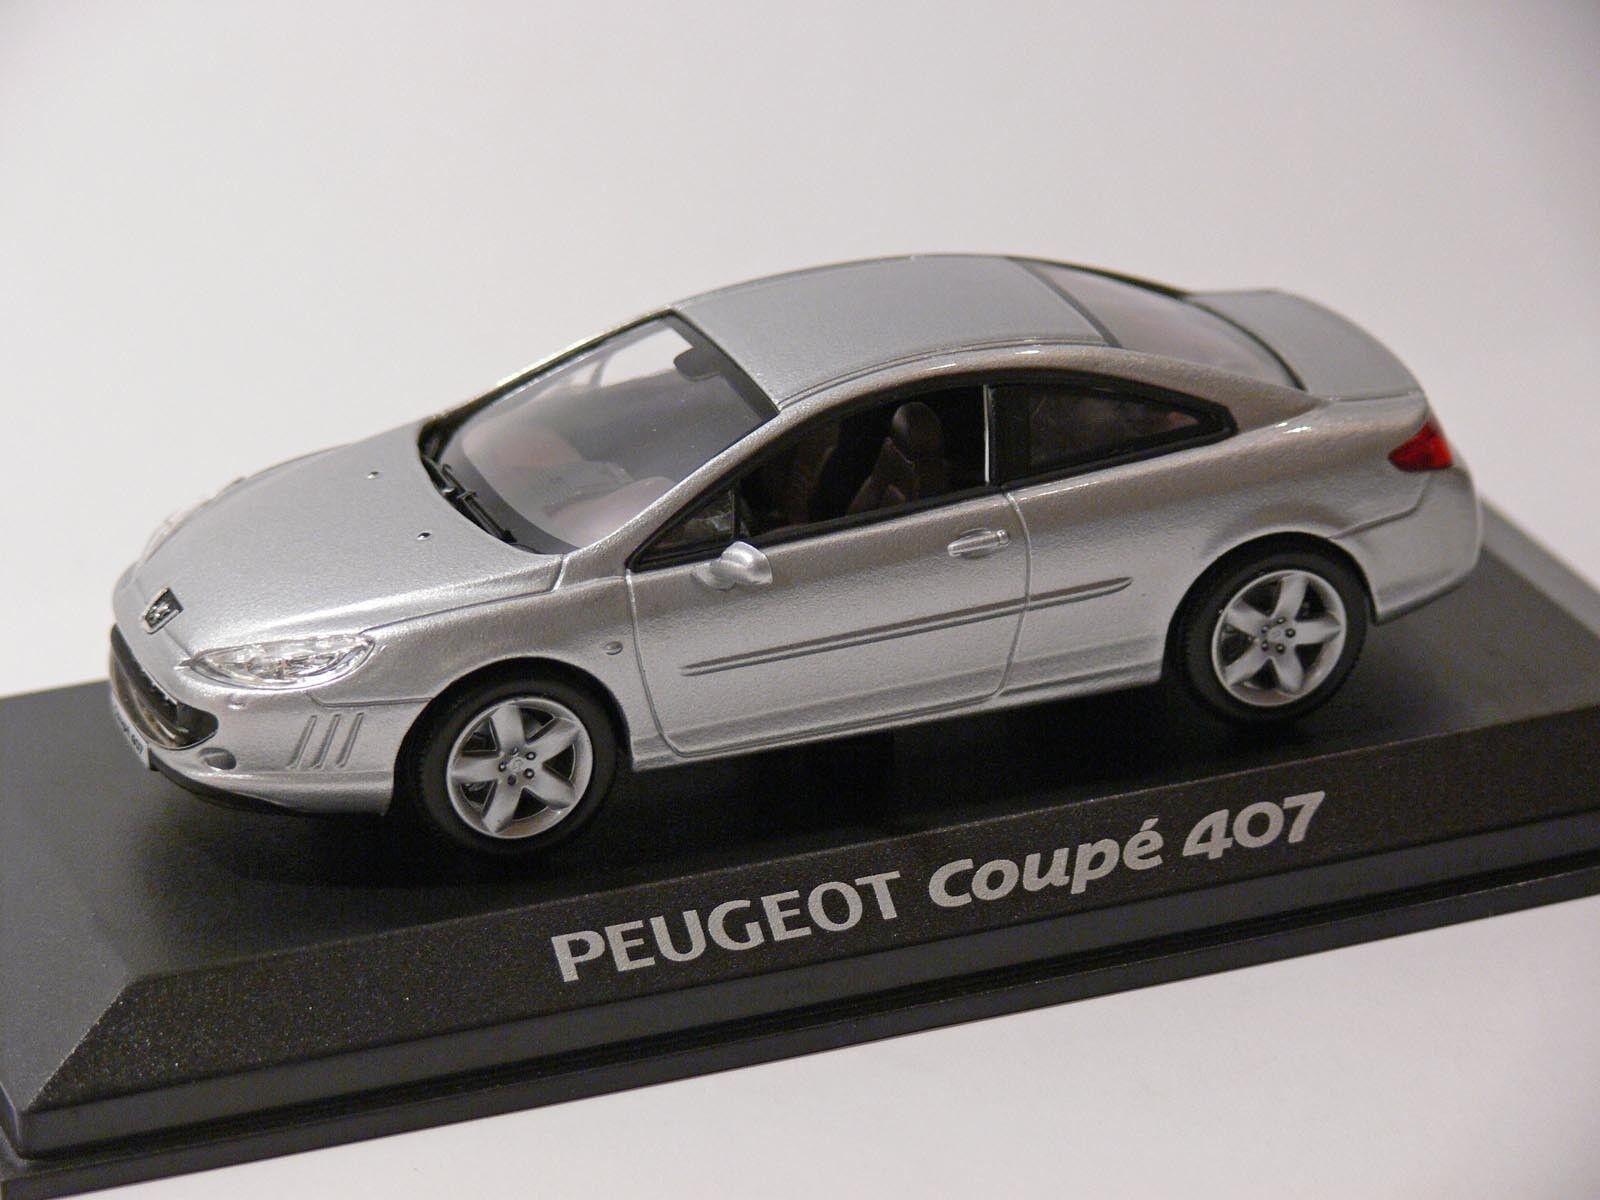 Peugeot 407 coupé argent, argent, argent, 1 43, Norev 0dbe5b